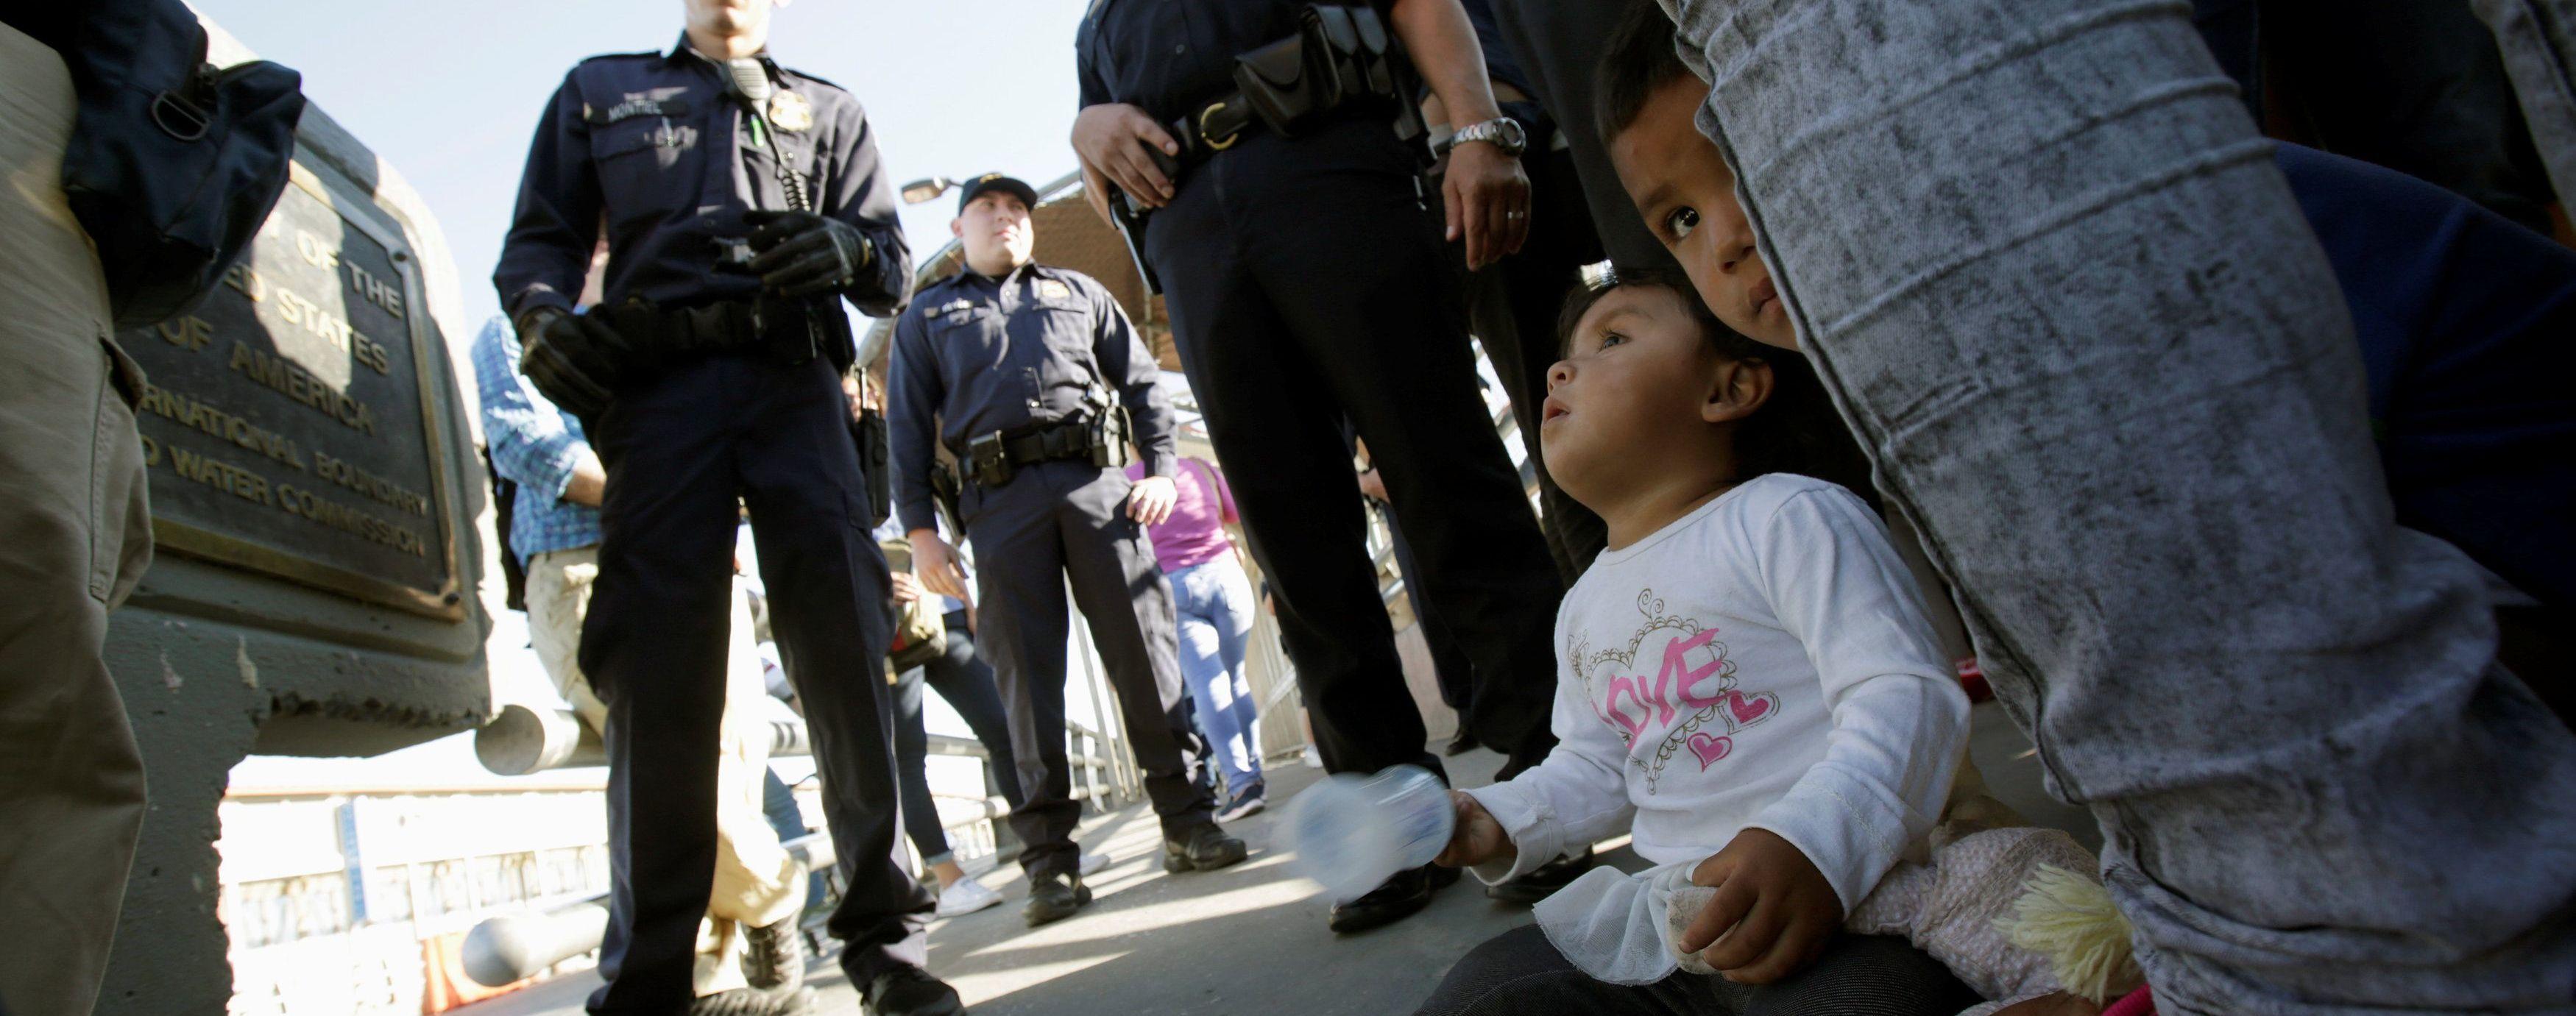 Суд установил сроки воссоединения семей мигрантов на границе США